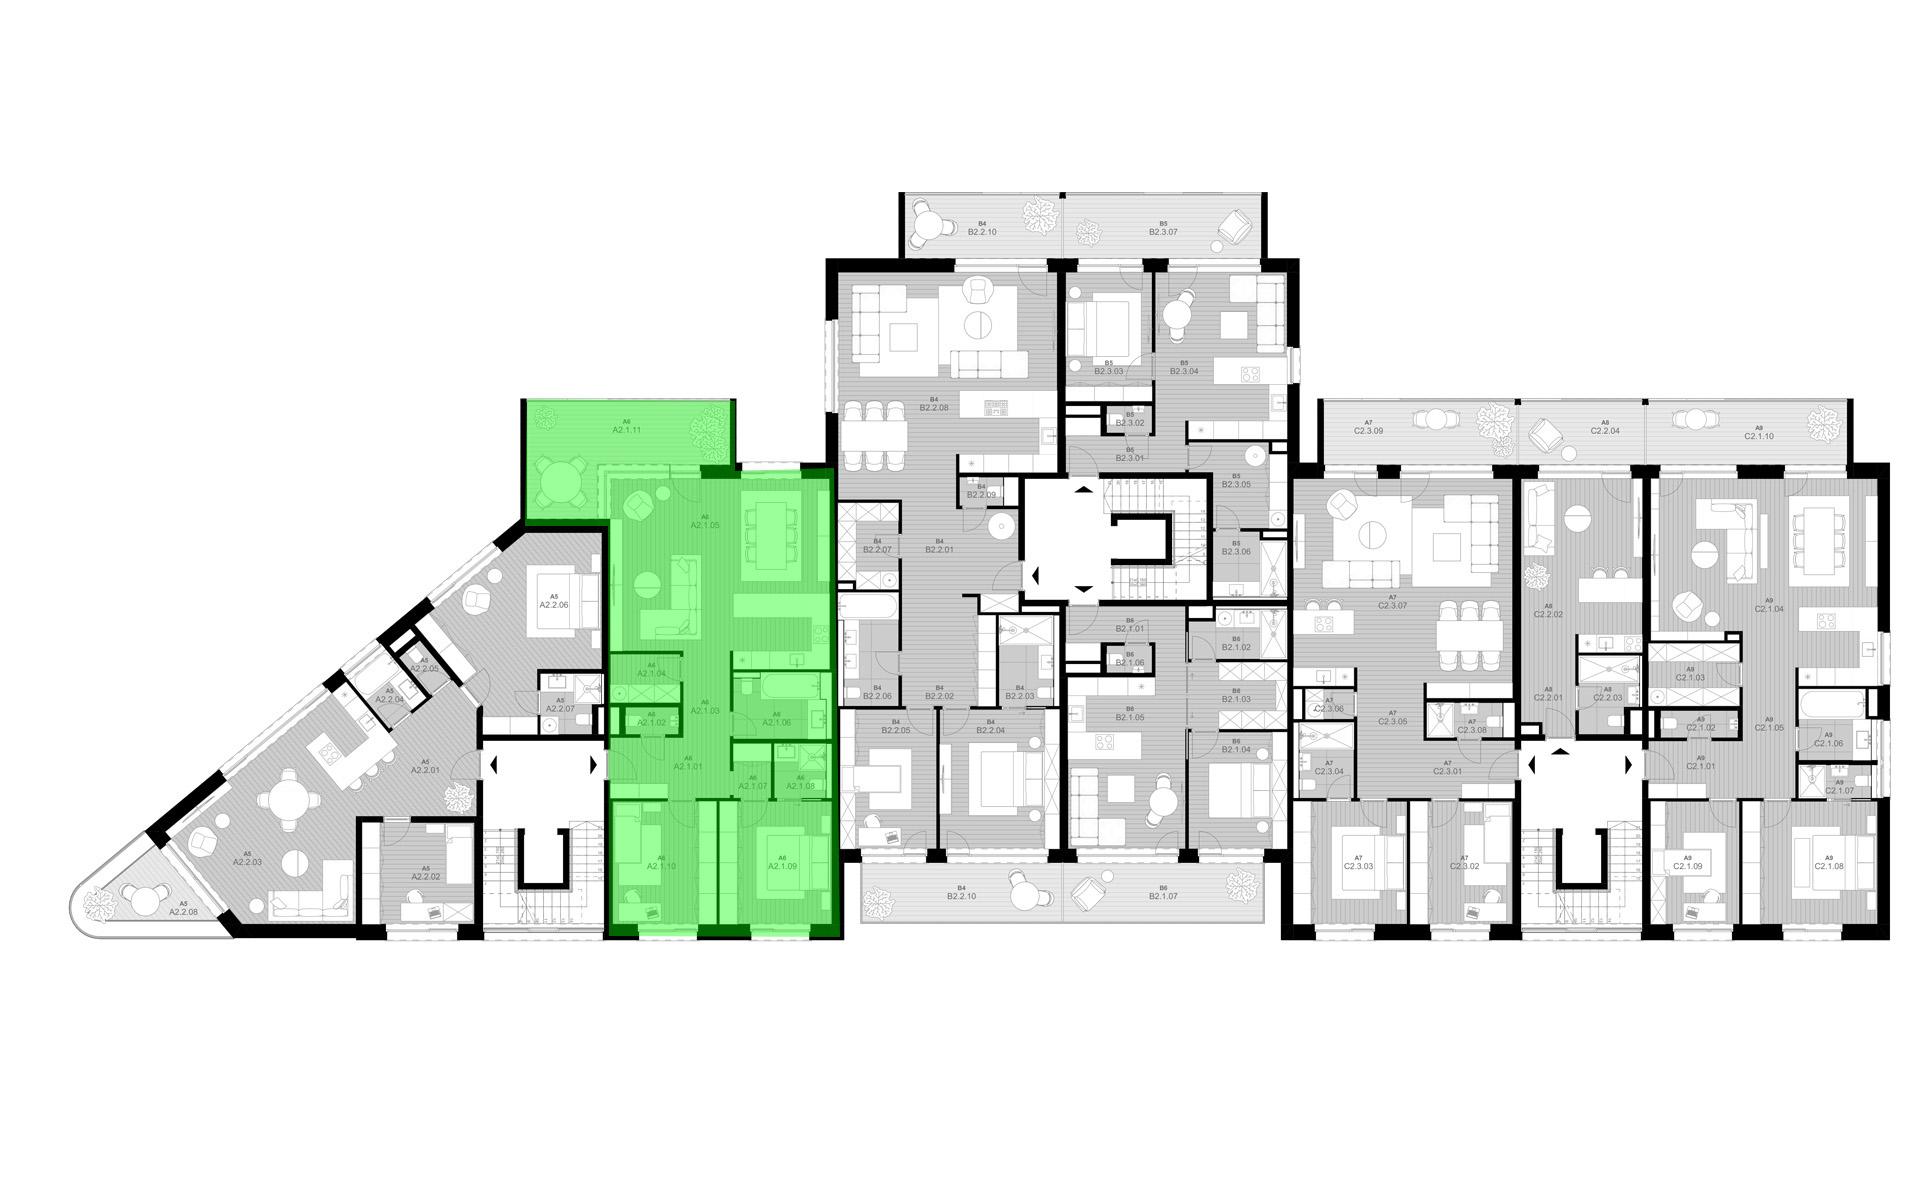 rezidencia K Železnej Studienke - pôdorys so zvýraznením